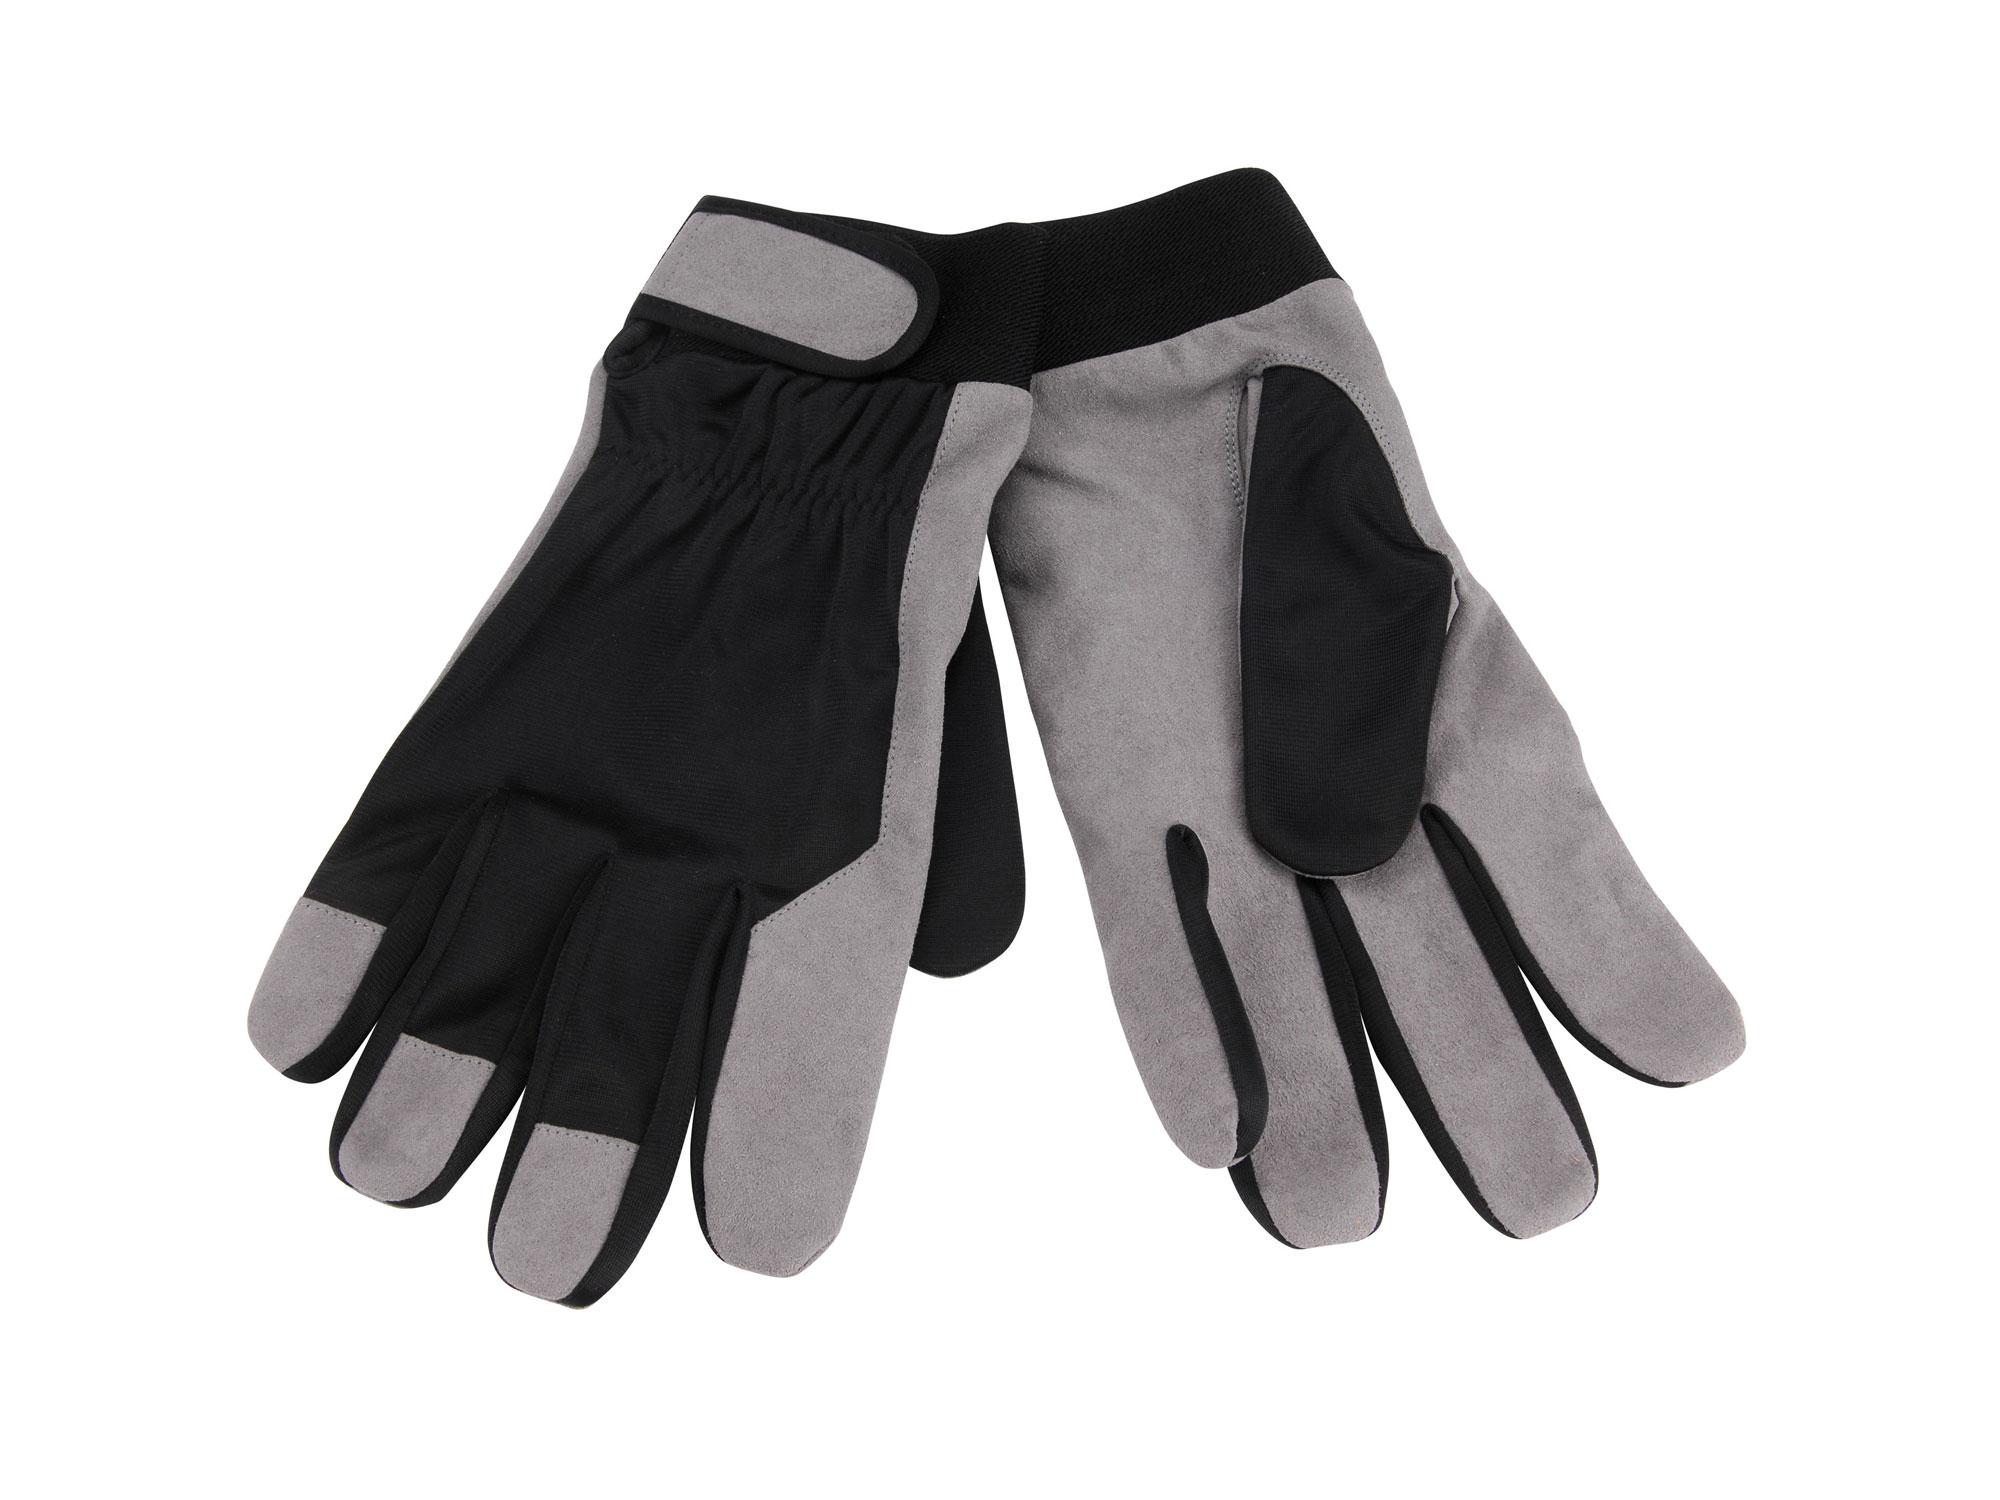 Pracovni rukavice lurex 11 levně  6edd52e94d